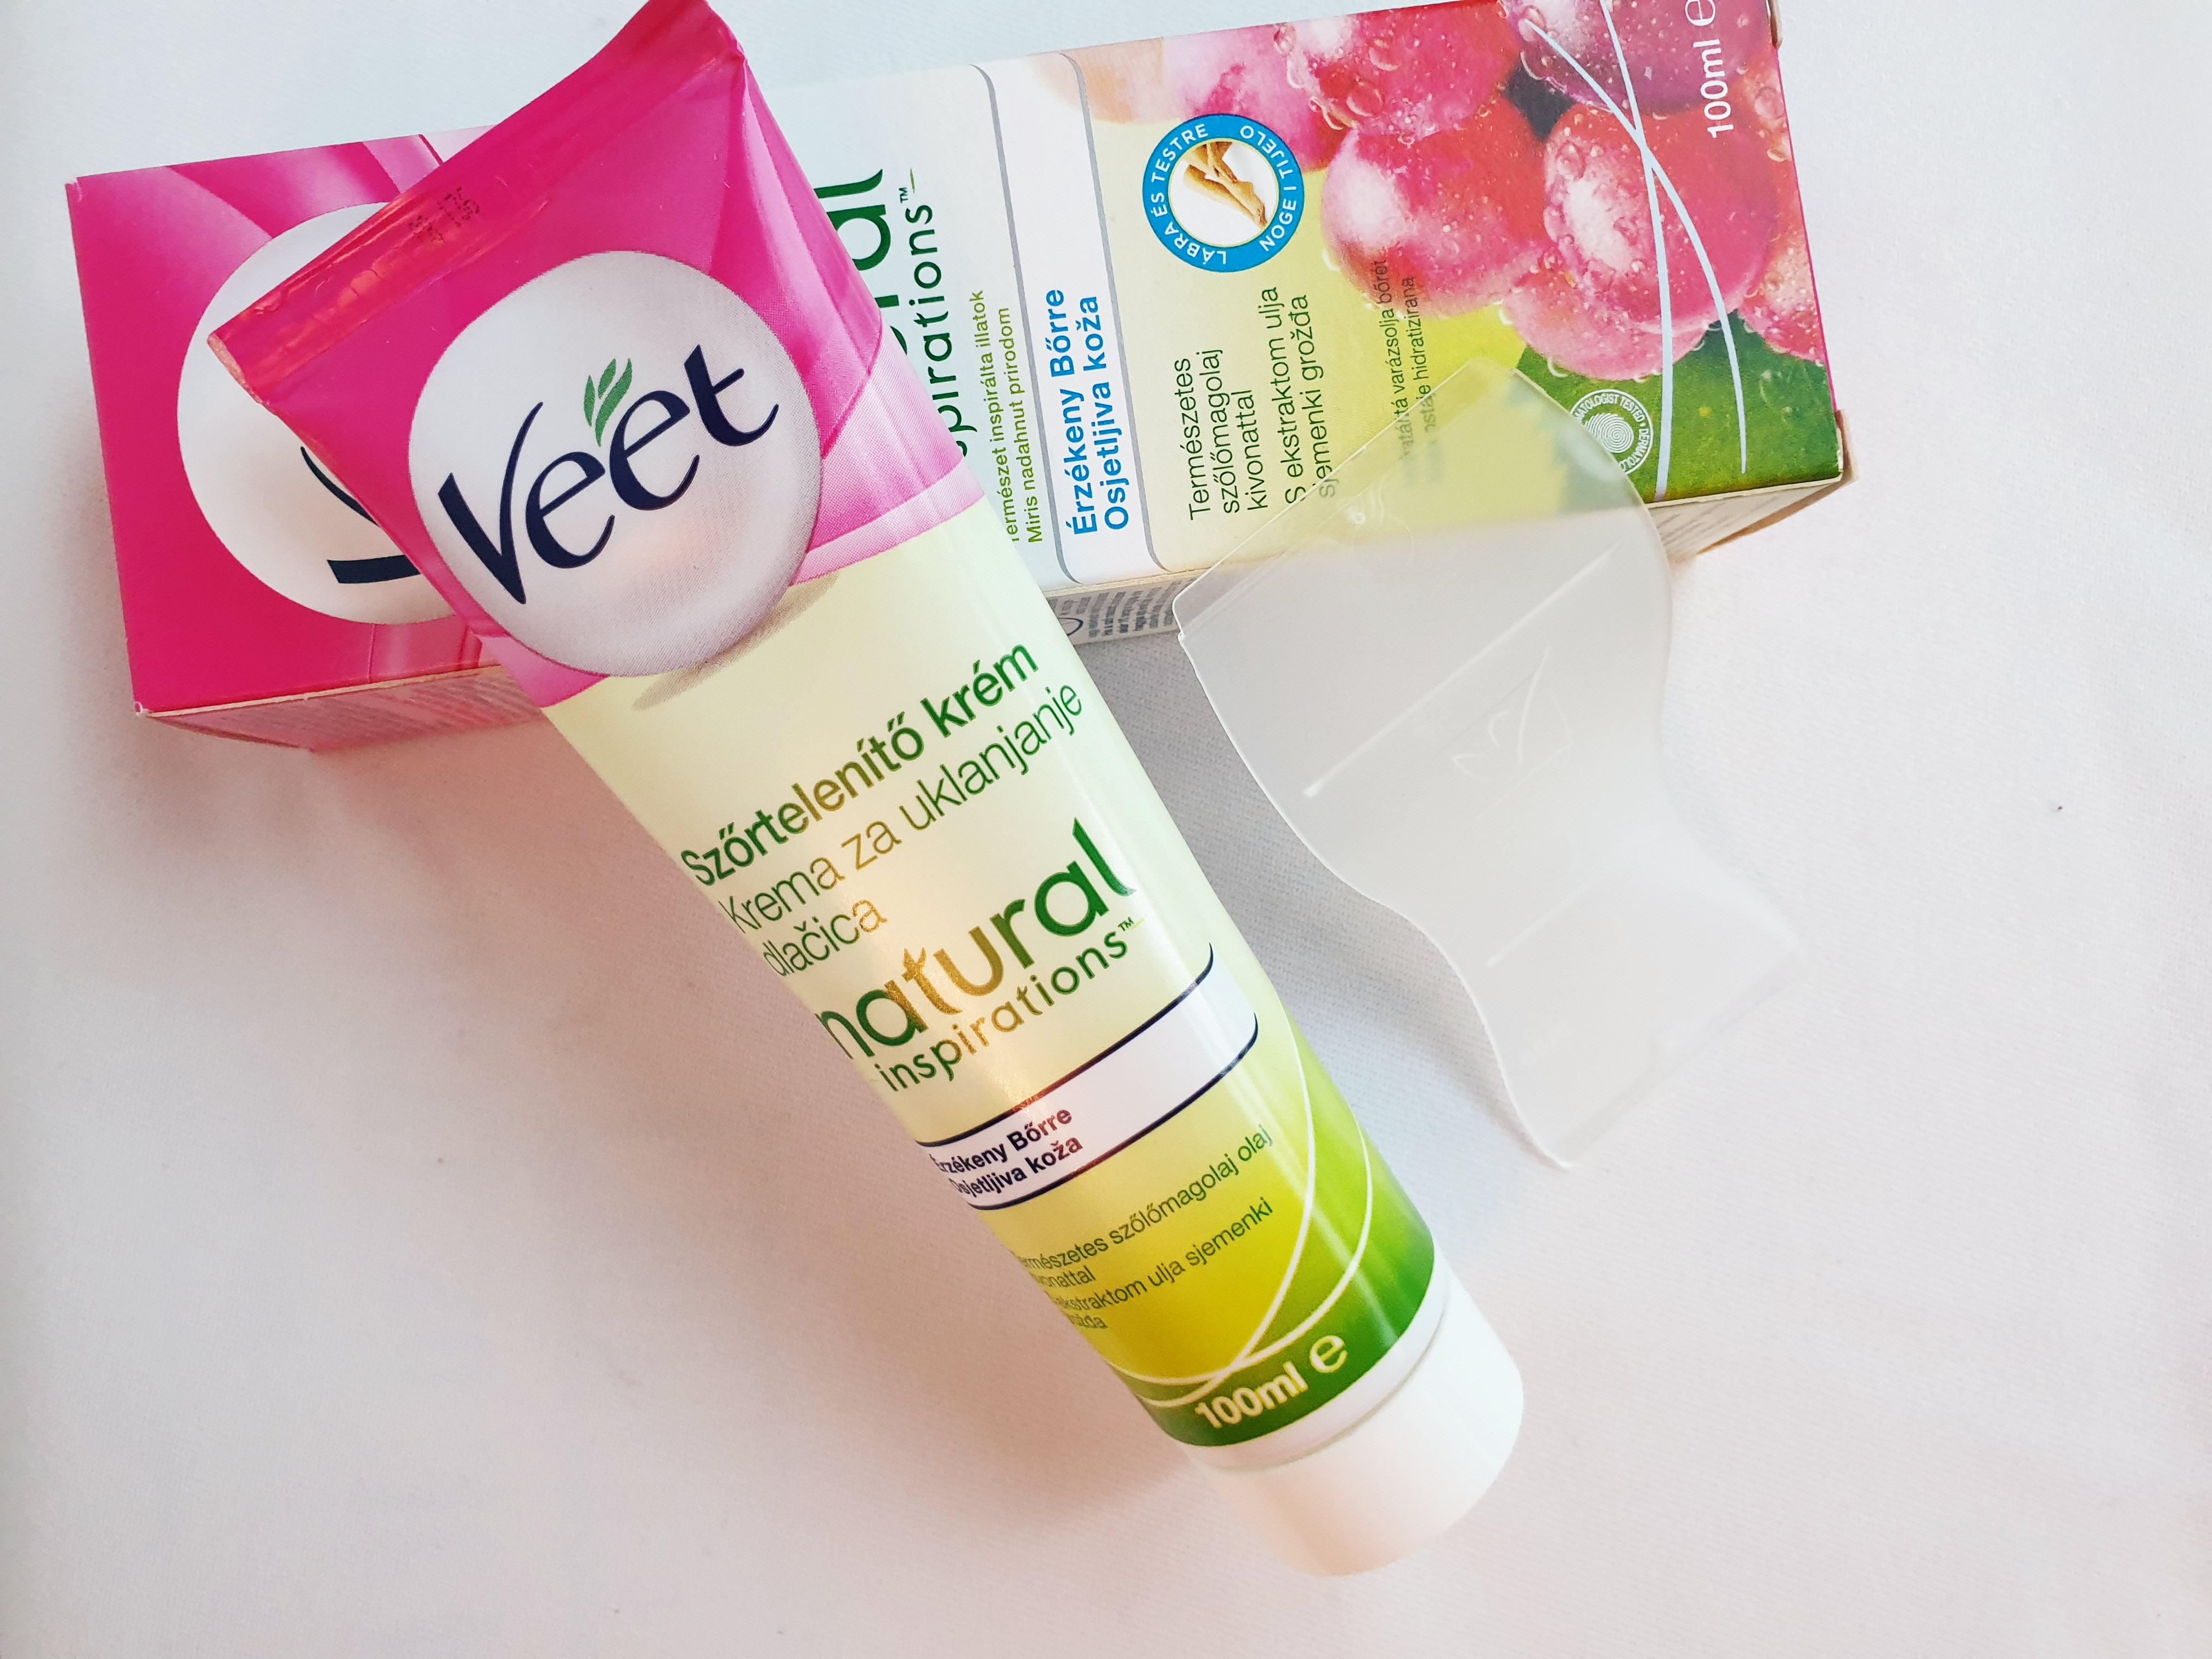 Kem tẩy lông Veet Natural 100ml - Pháp - Tẩy lông - Triệt lông vĩnh viễn cao cấp